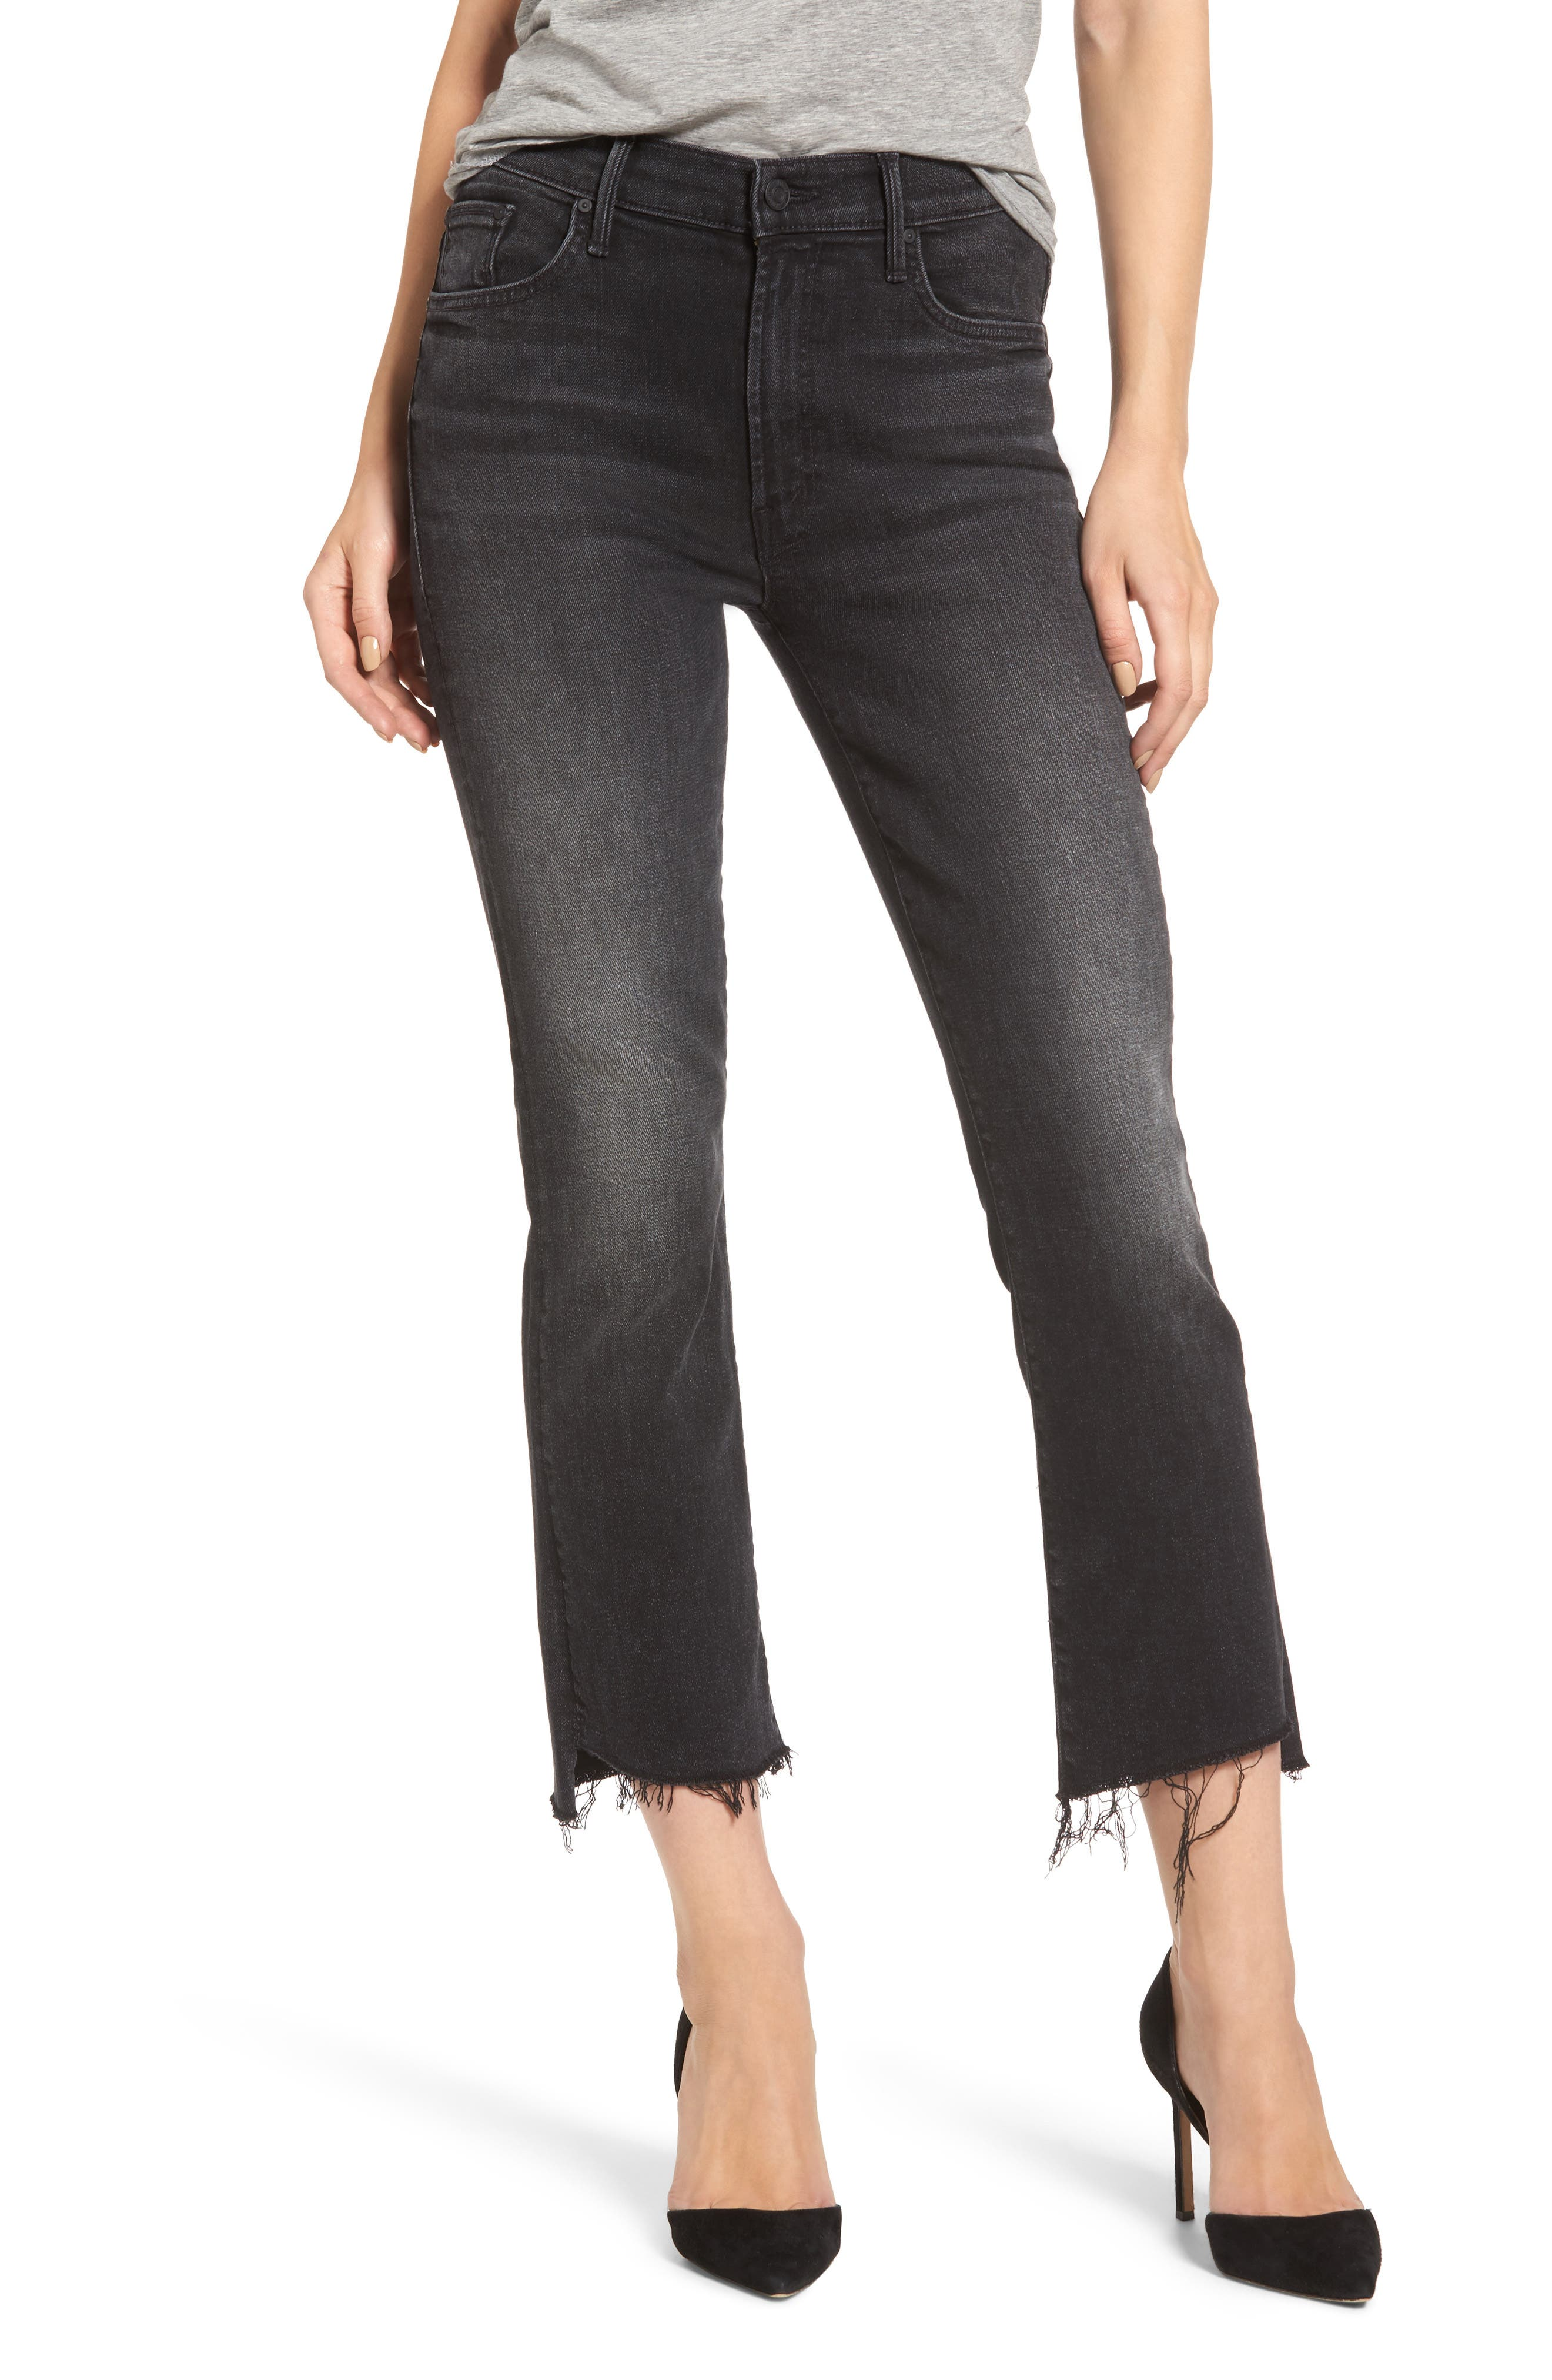 MOTHER The Insider High Waist Step Hem Crop Bootcut Jeans